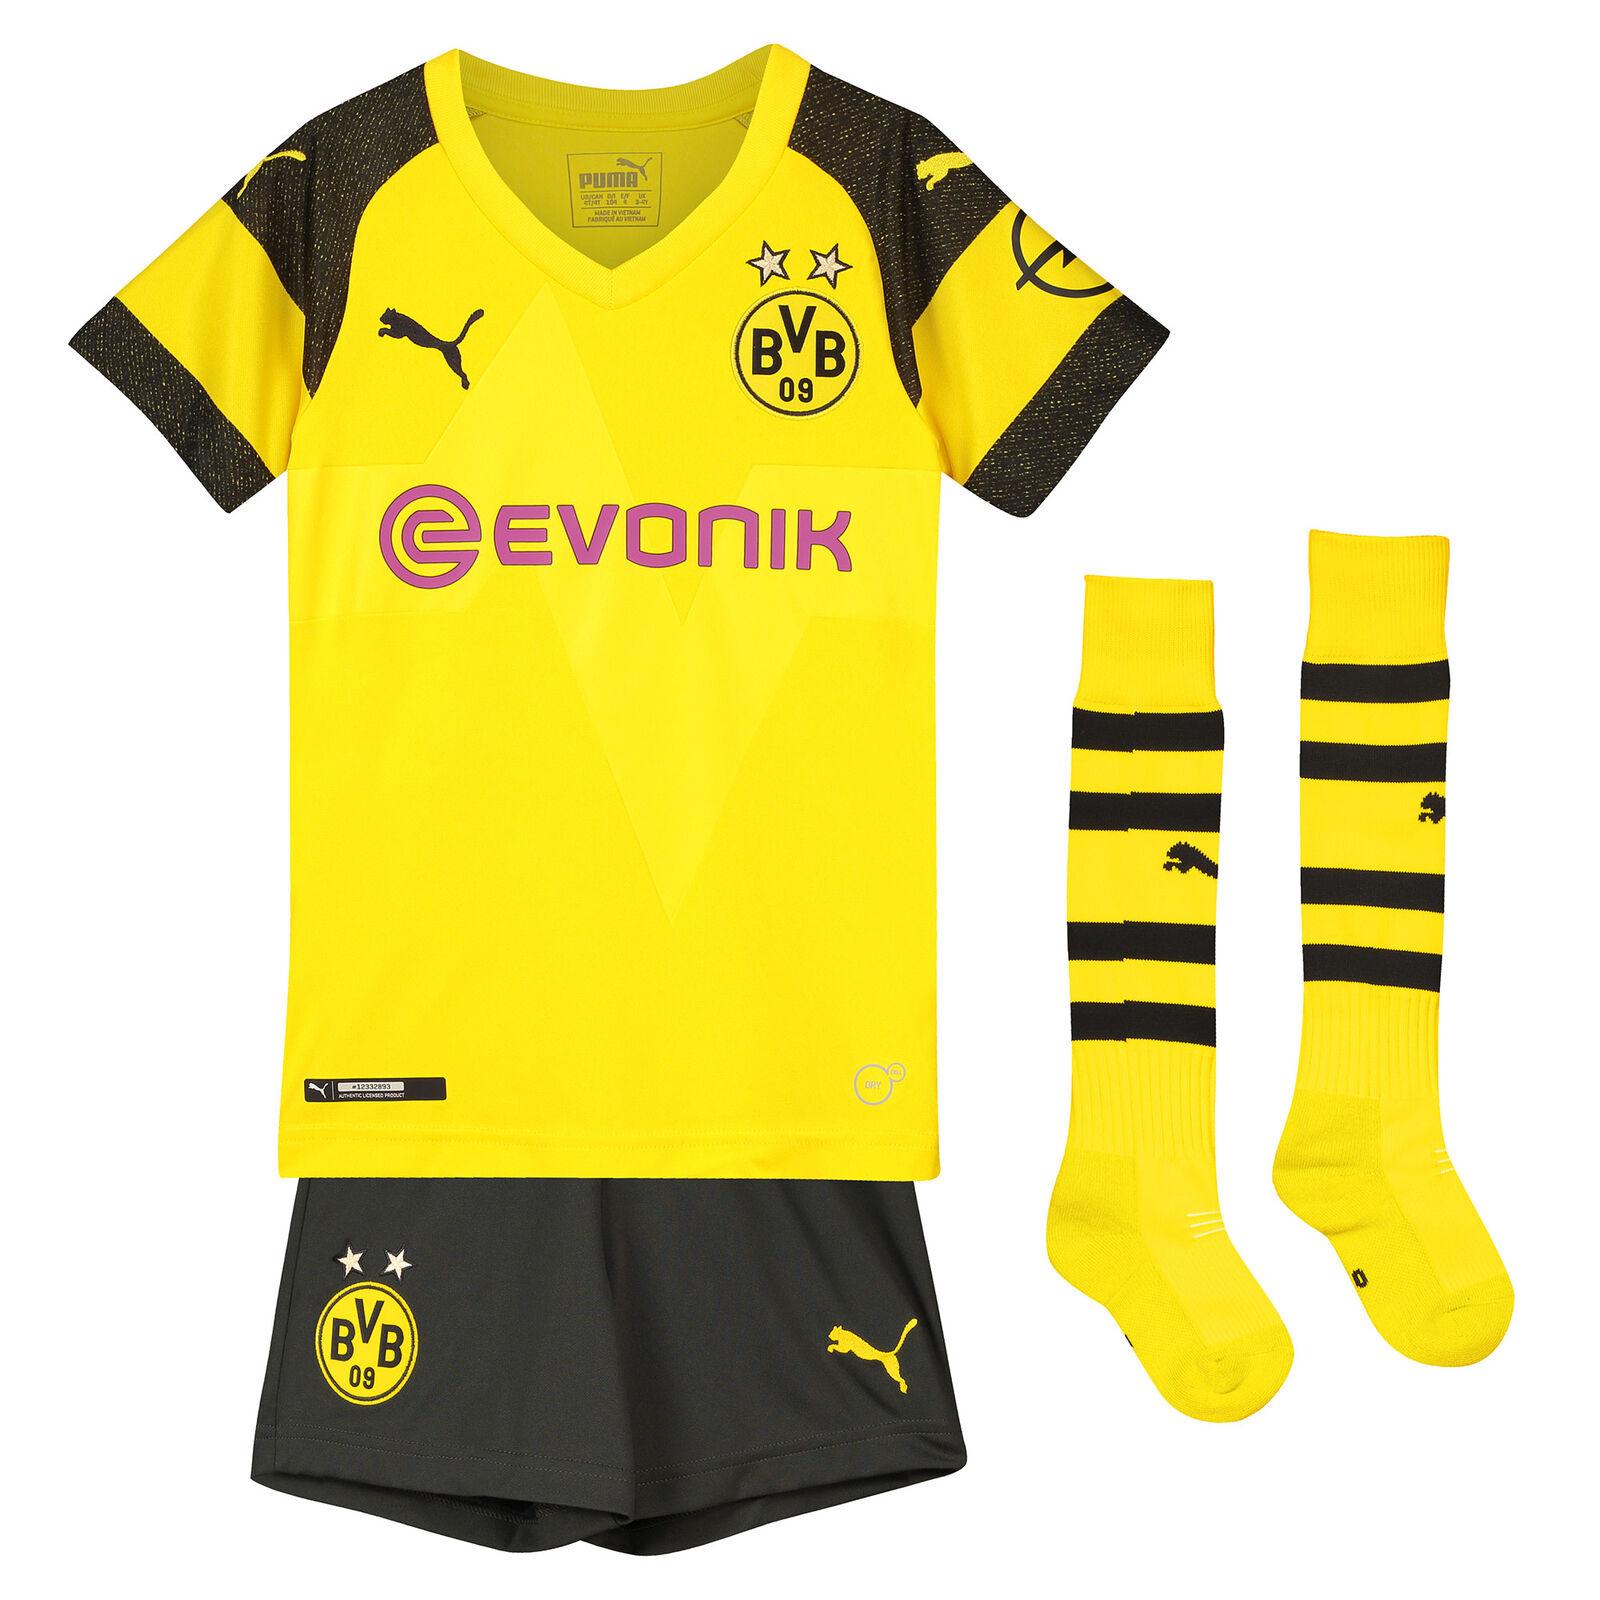 BVB Borussia Dortmund Offiziell Heim Mini Kit 2018-19 Kinder Puma Fußball Trikot